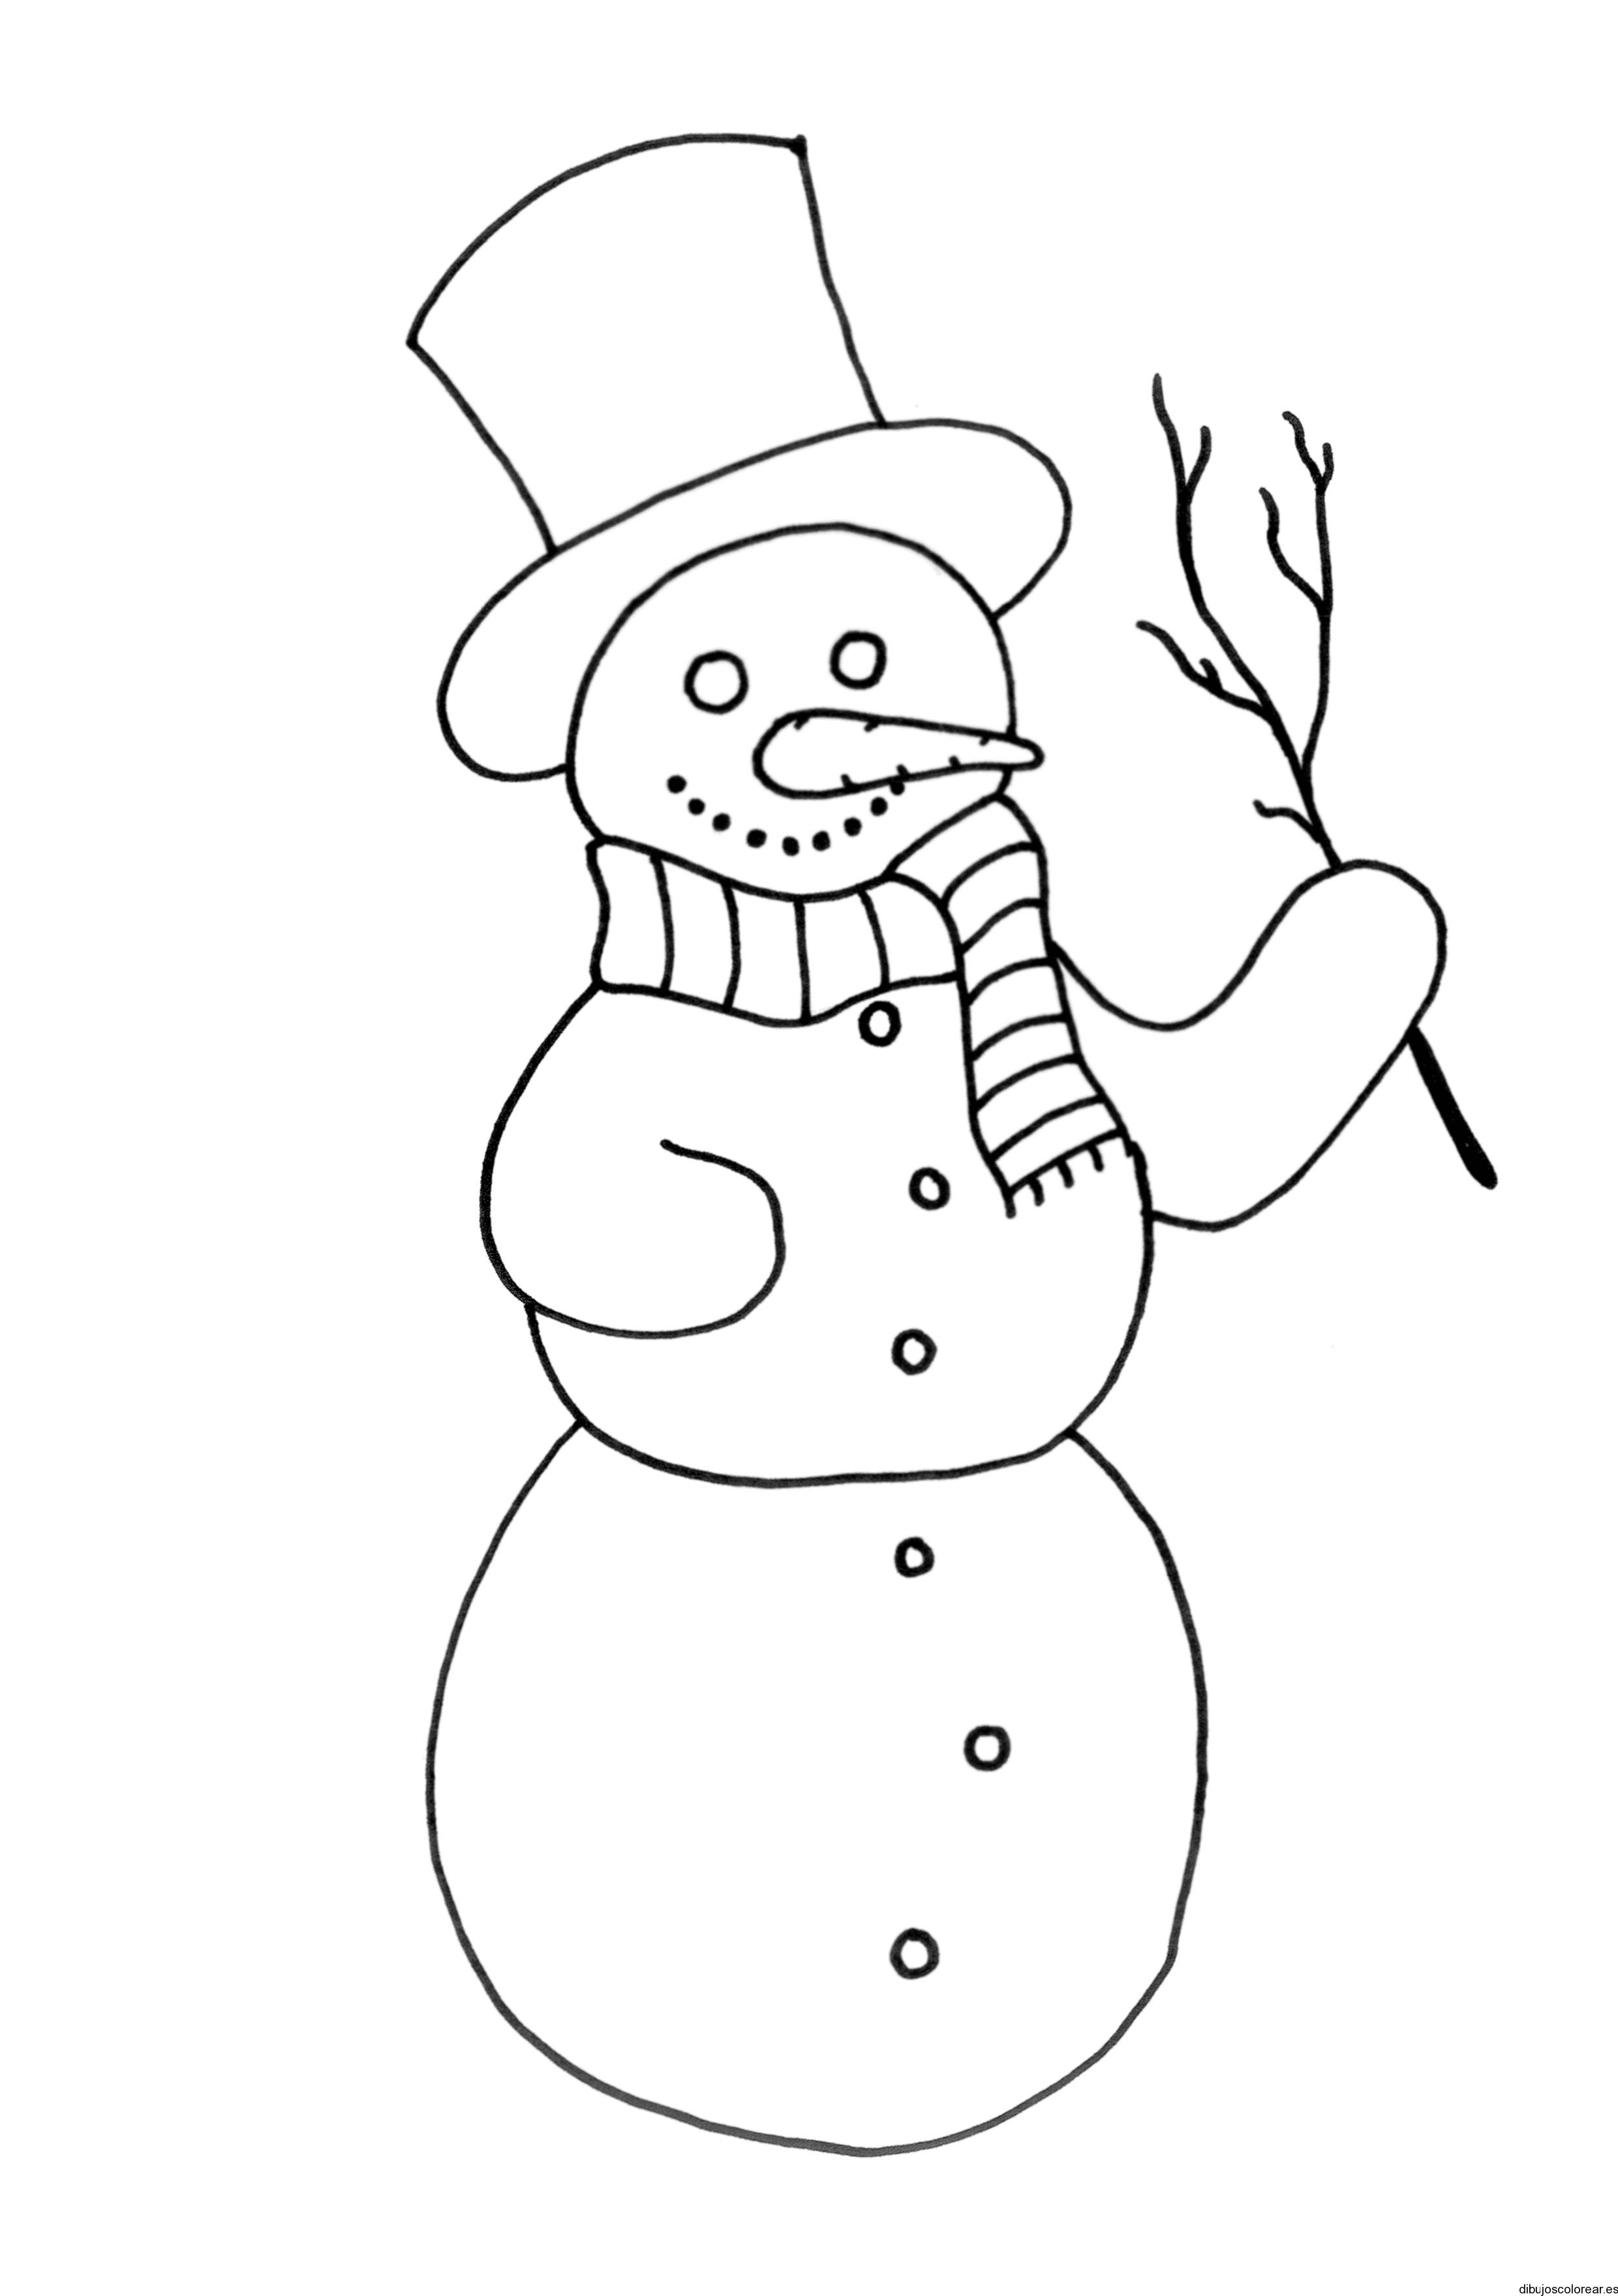 Dibujo de un hombre de nieve con una rama